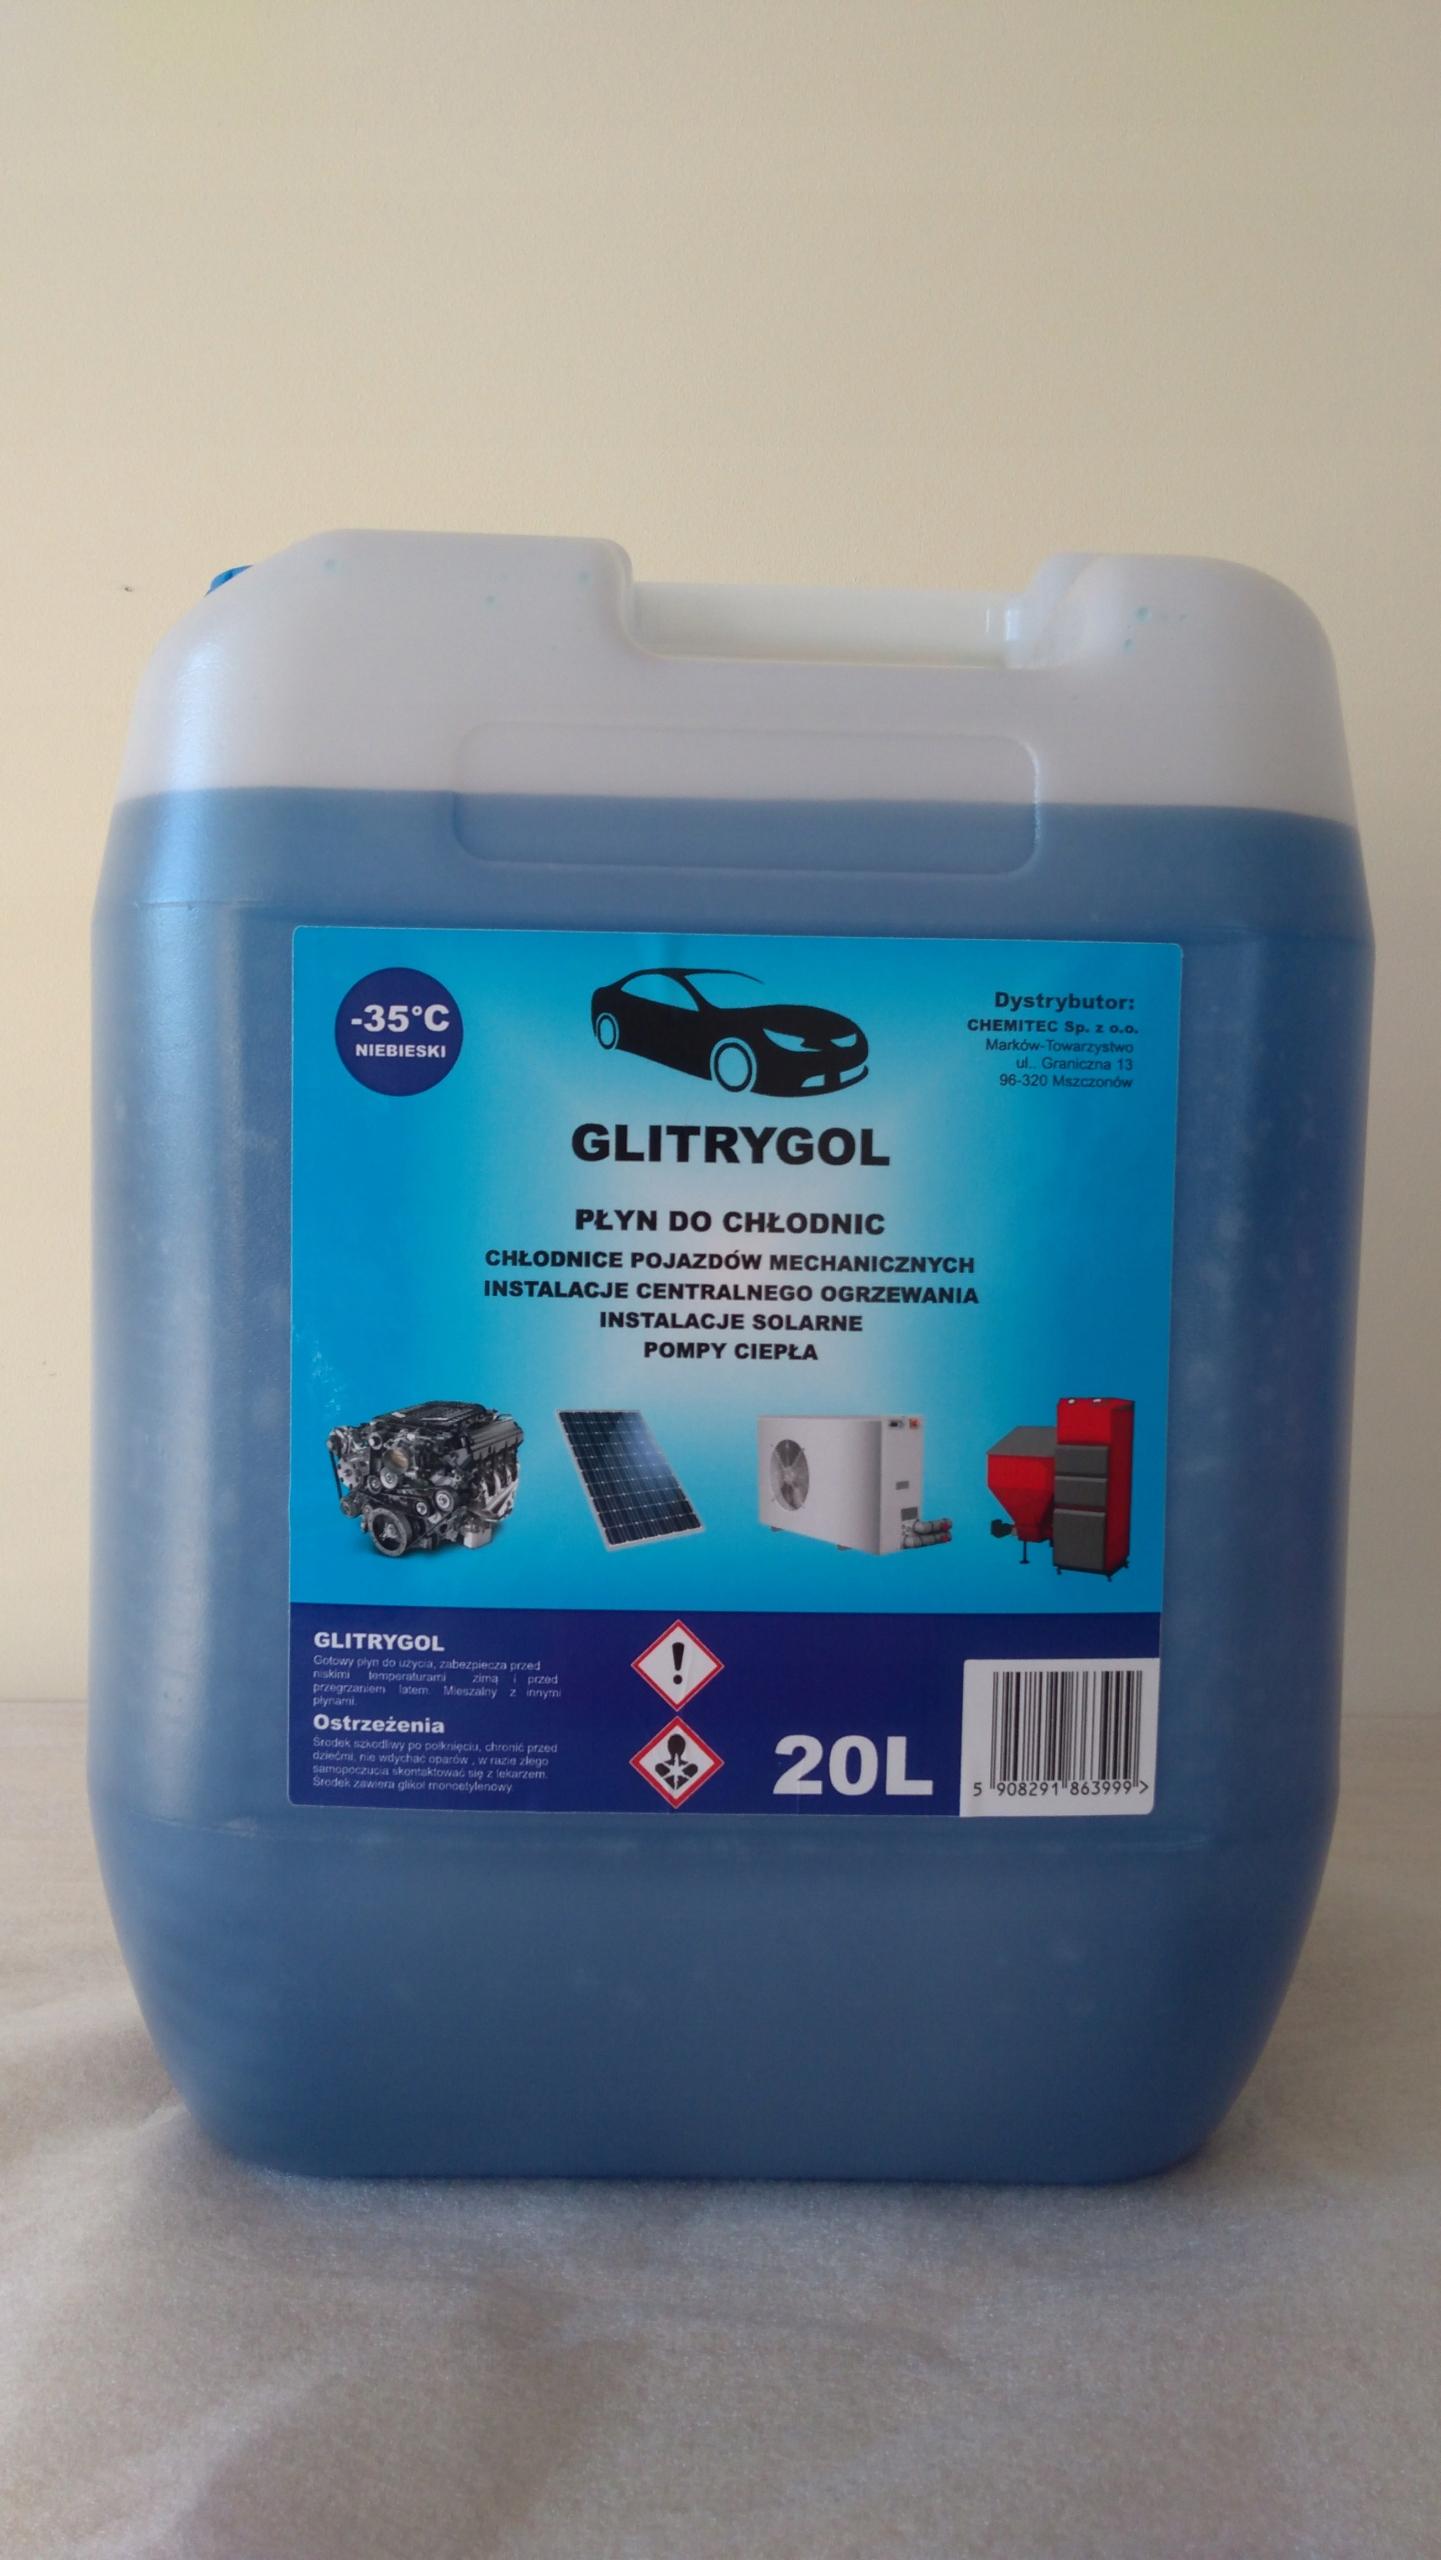 Жидкость для радиатора Glitrygol синий ,-35 C 20л.